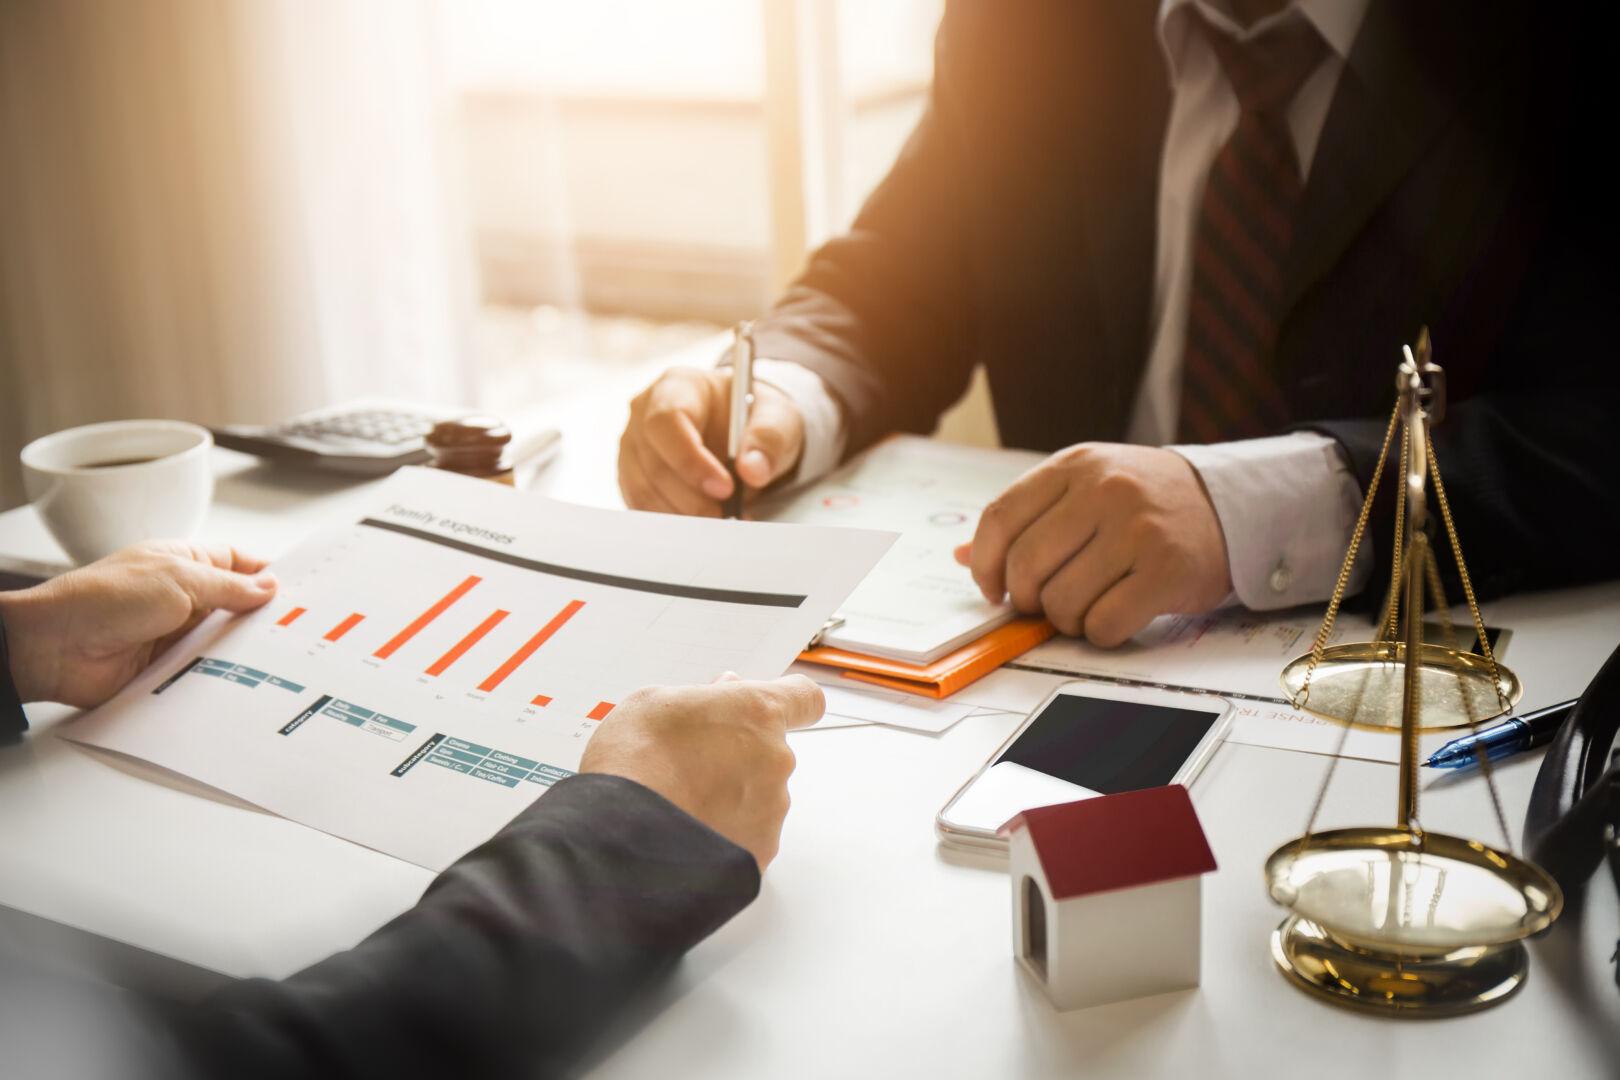 Zoom sur le métier d'expert immobilier, un travail exigeant de réflexion et d'objectivité pour déterminer la valeur réelle des biens